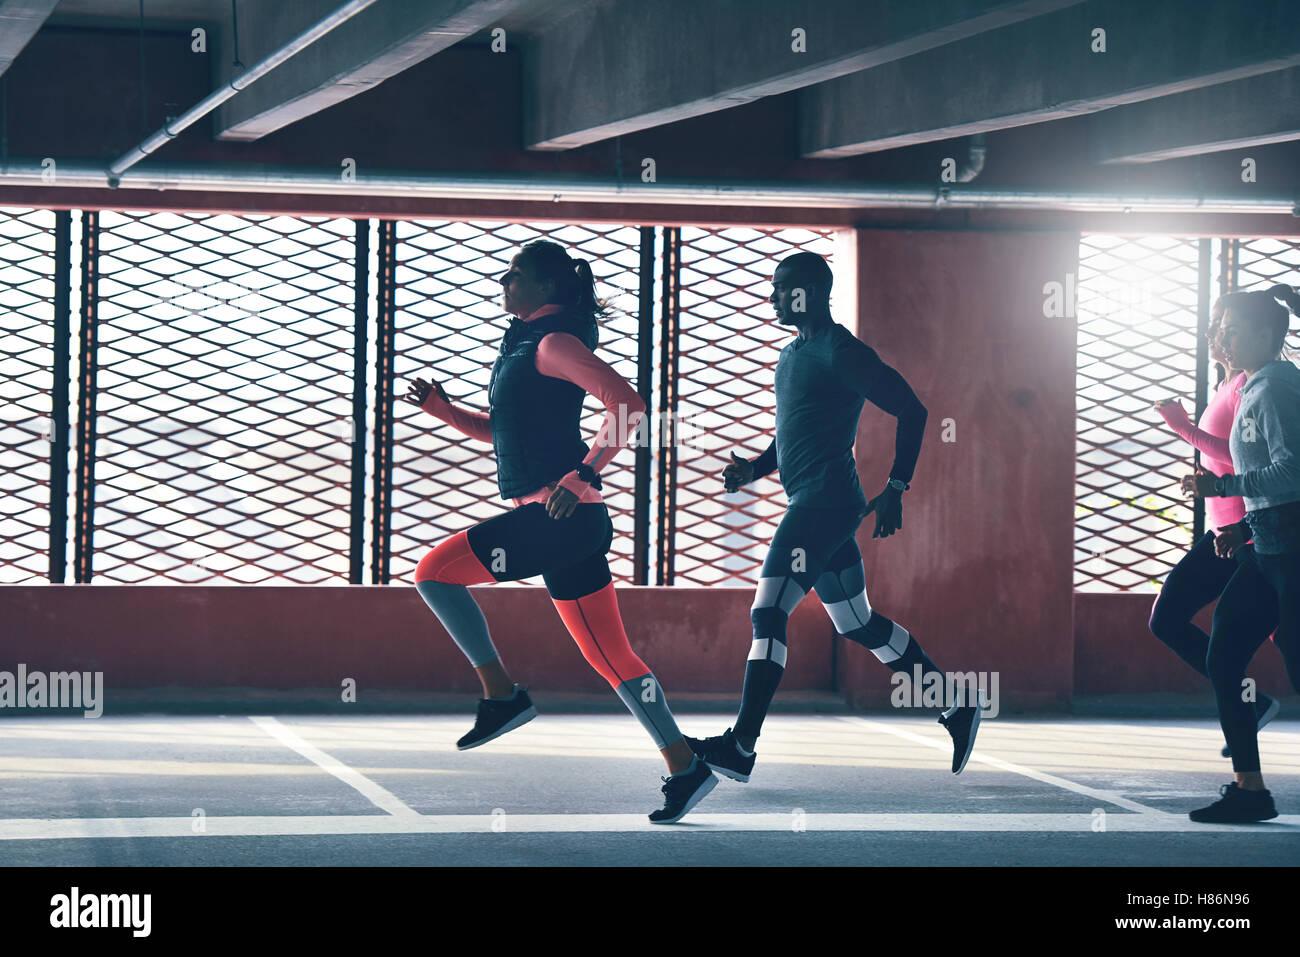 Seitenansicht der jungen Athleten trainieren vor großen Fenstern. Exemplar Stockbild